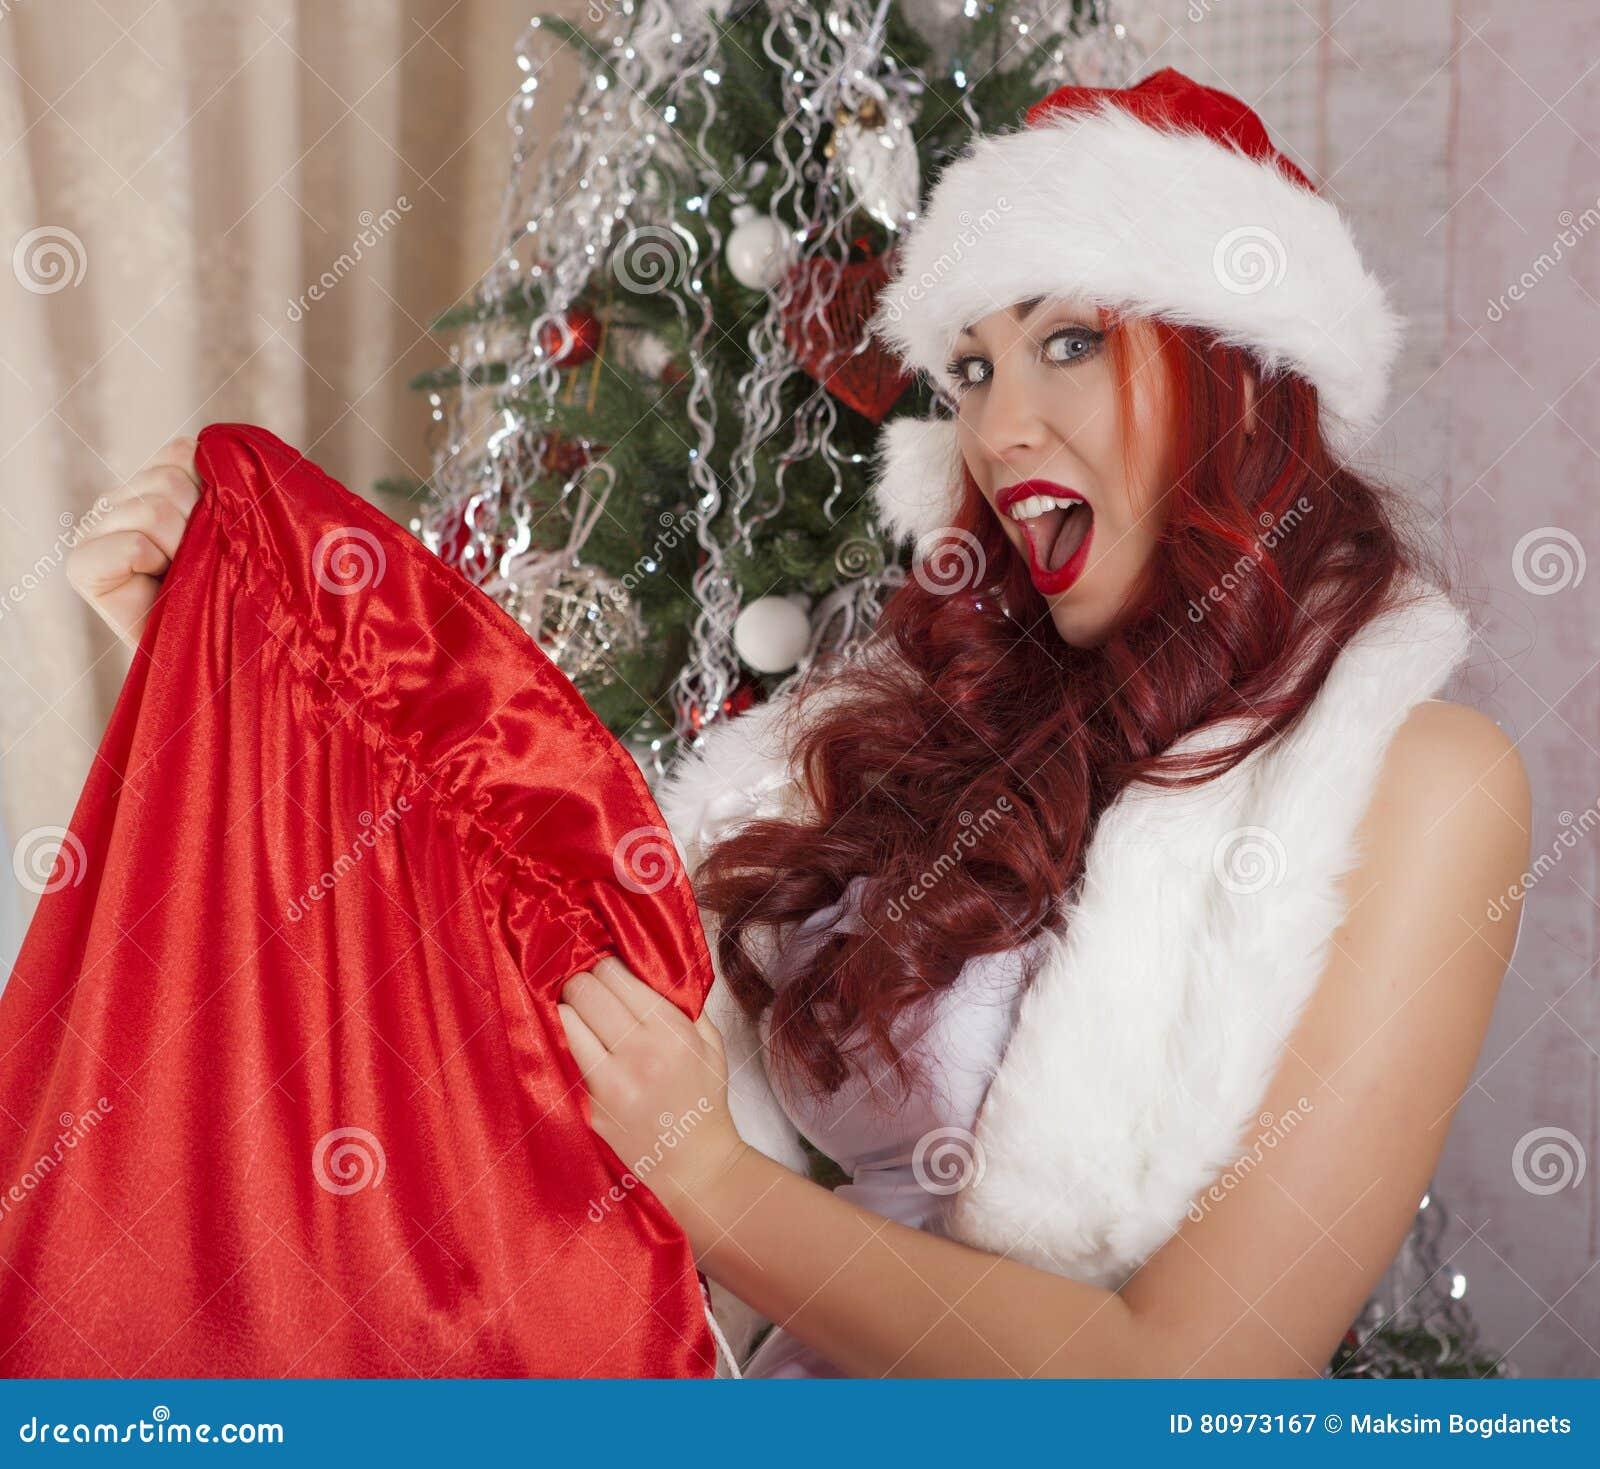 Christmas Babes.Christmas Santa Girl Opens Bag With Presents Surprise